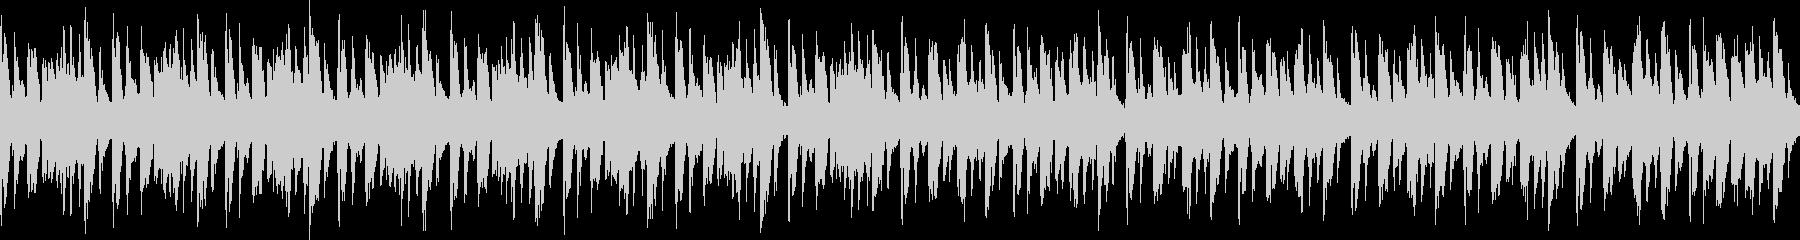 キャラ選択、システム画面など(ループ)3の未再生の波形